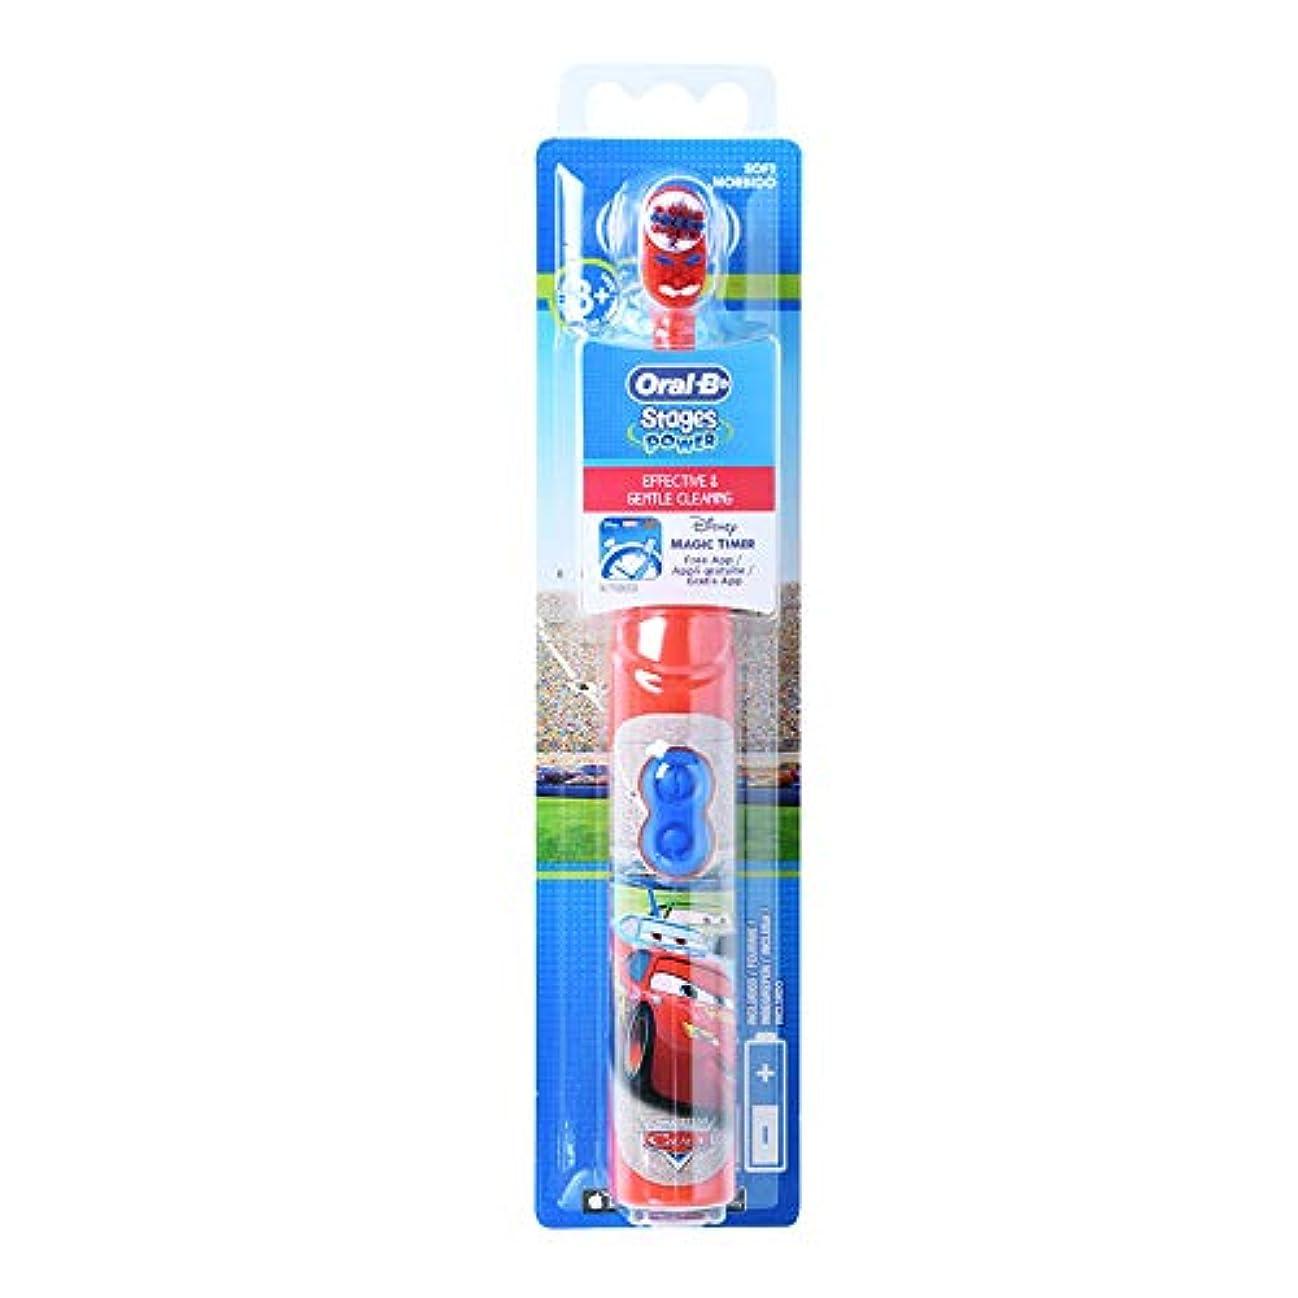 確立パット徴収Oral-B DB3010 Stages Power Disney Car 電動歯ブラシ [並行輸入品]